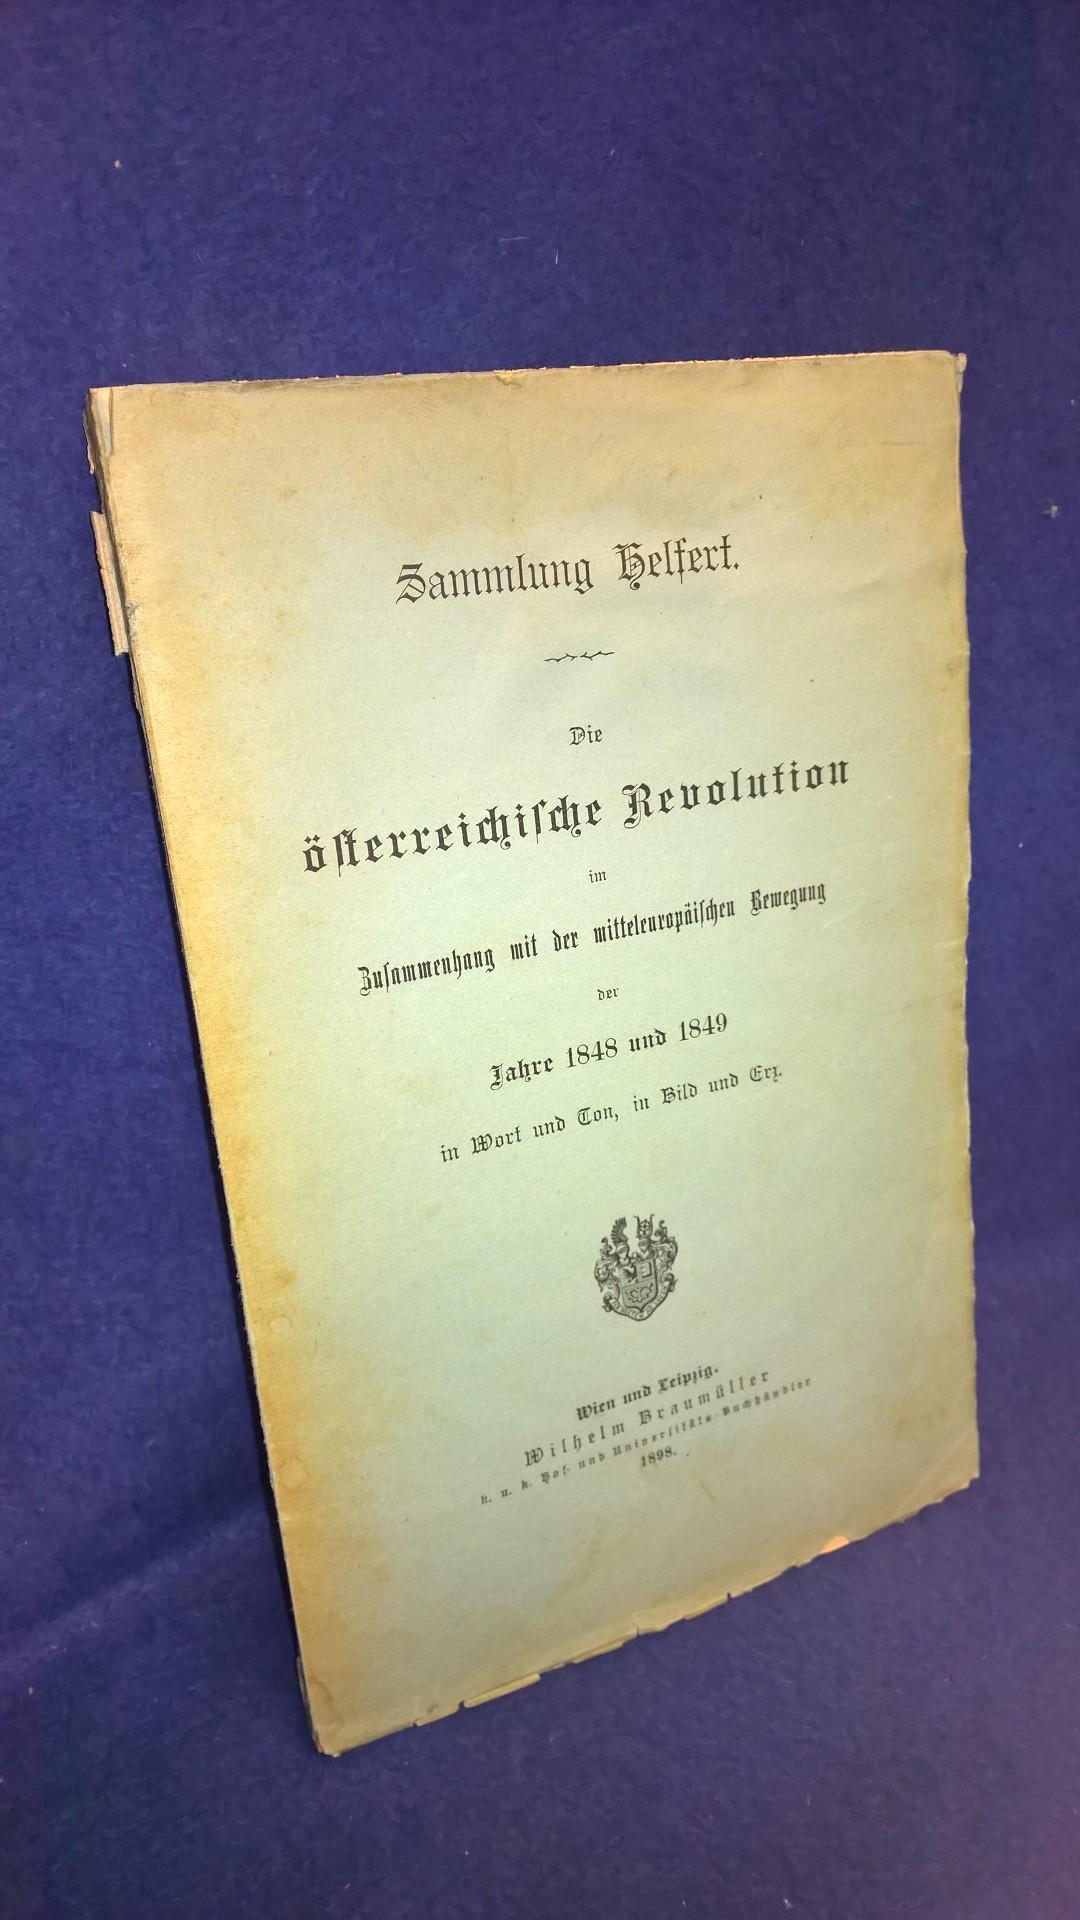 Sammlung Helfert. Die österreichische Revolution im Zusammenhang mit der mitteleuropäischen Bewegung der Jahre 1848 und 1849 in Wort und Ton, in Bild und Erz.